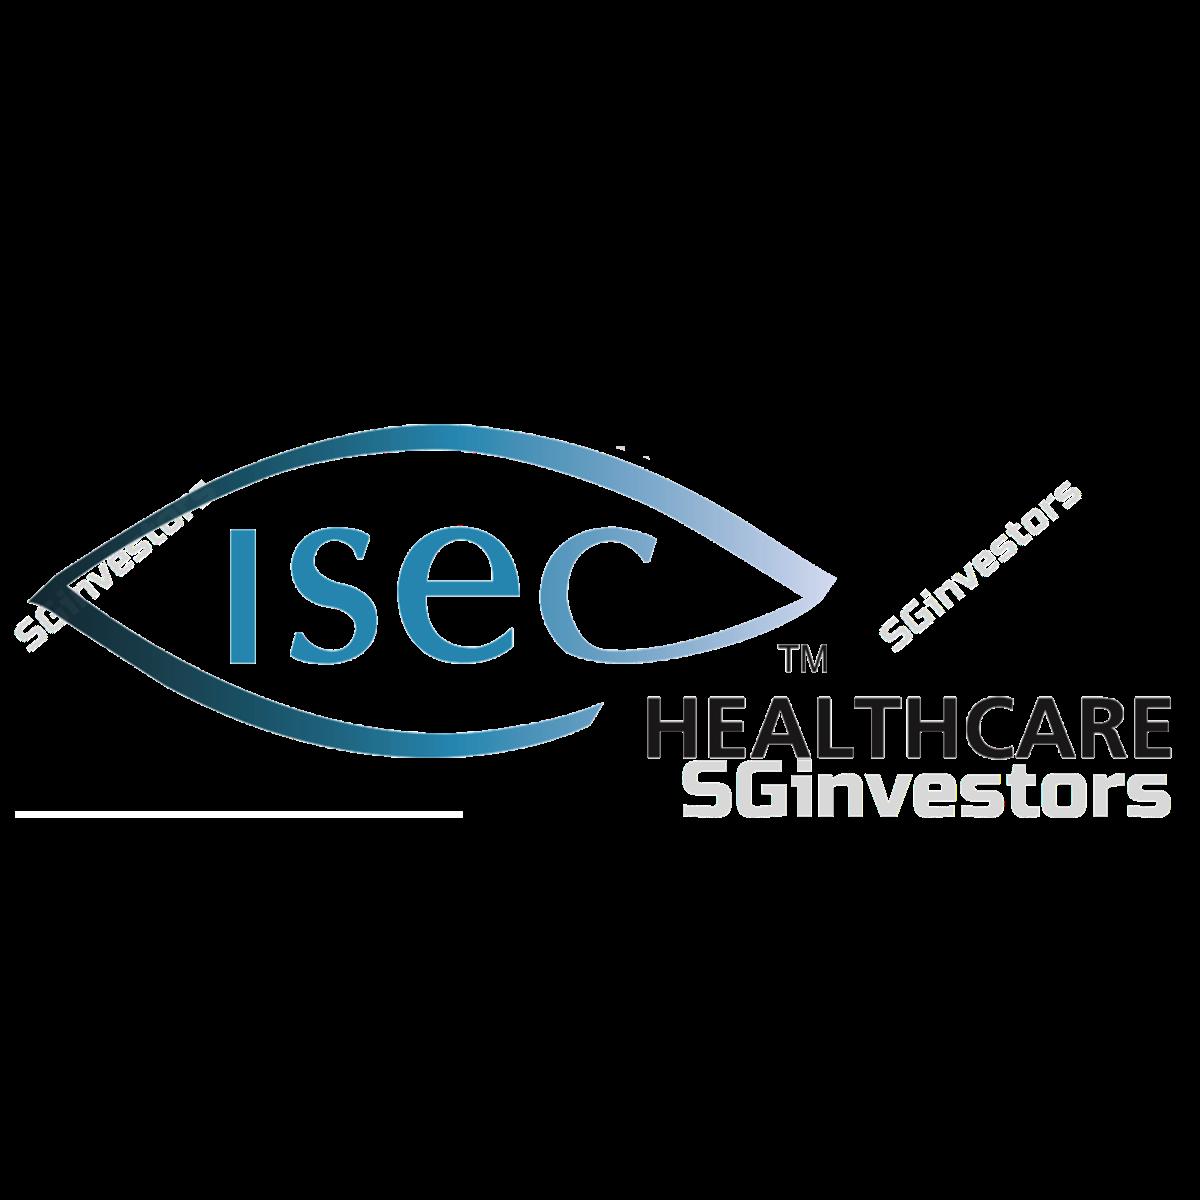 ISEC HEALTHCARE LTD. (SGX:40T) @ SGinvestors.io